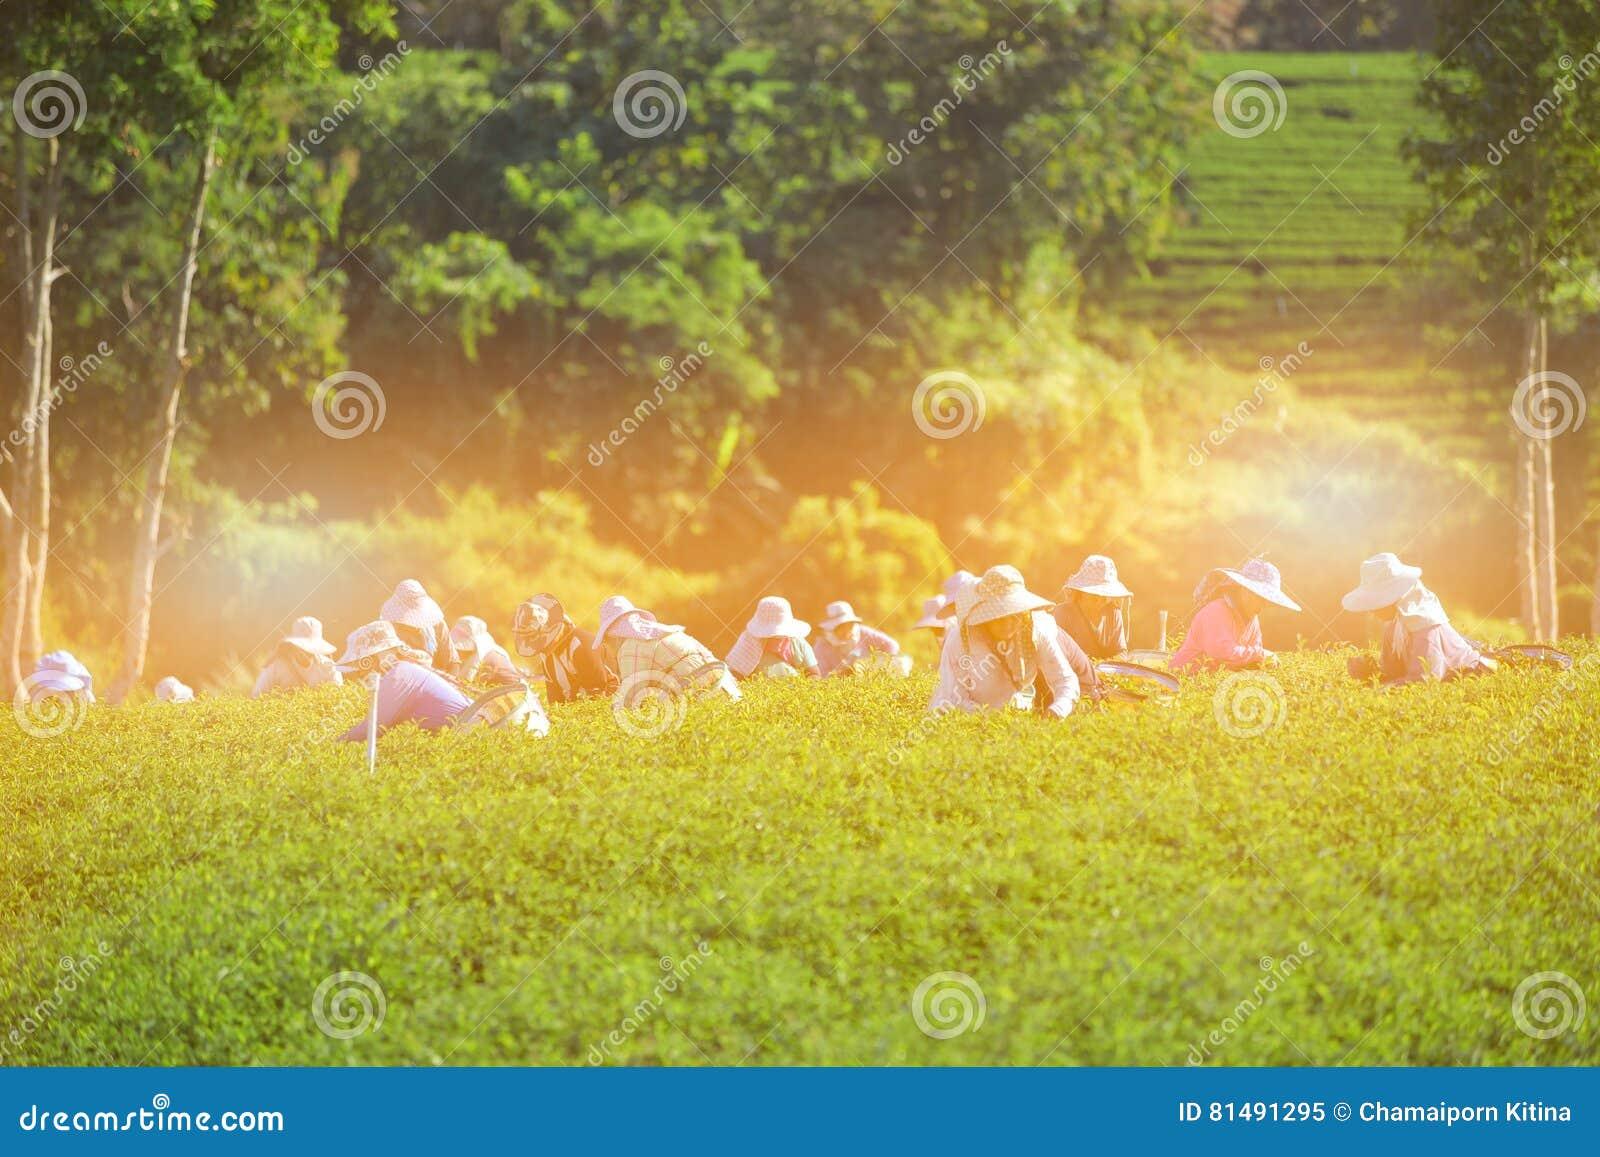 Les femmes rassemblent des feuilles de thé sur la plantation de thé